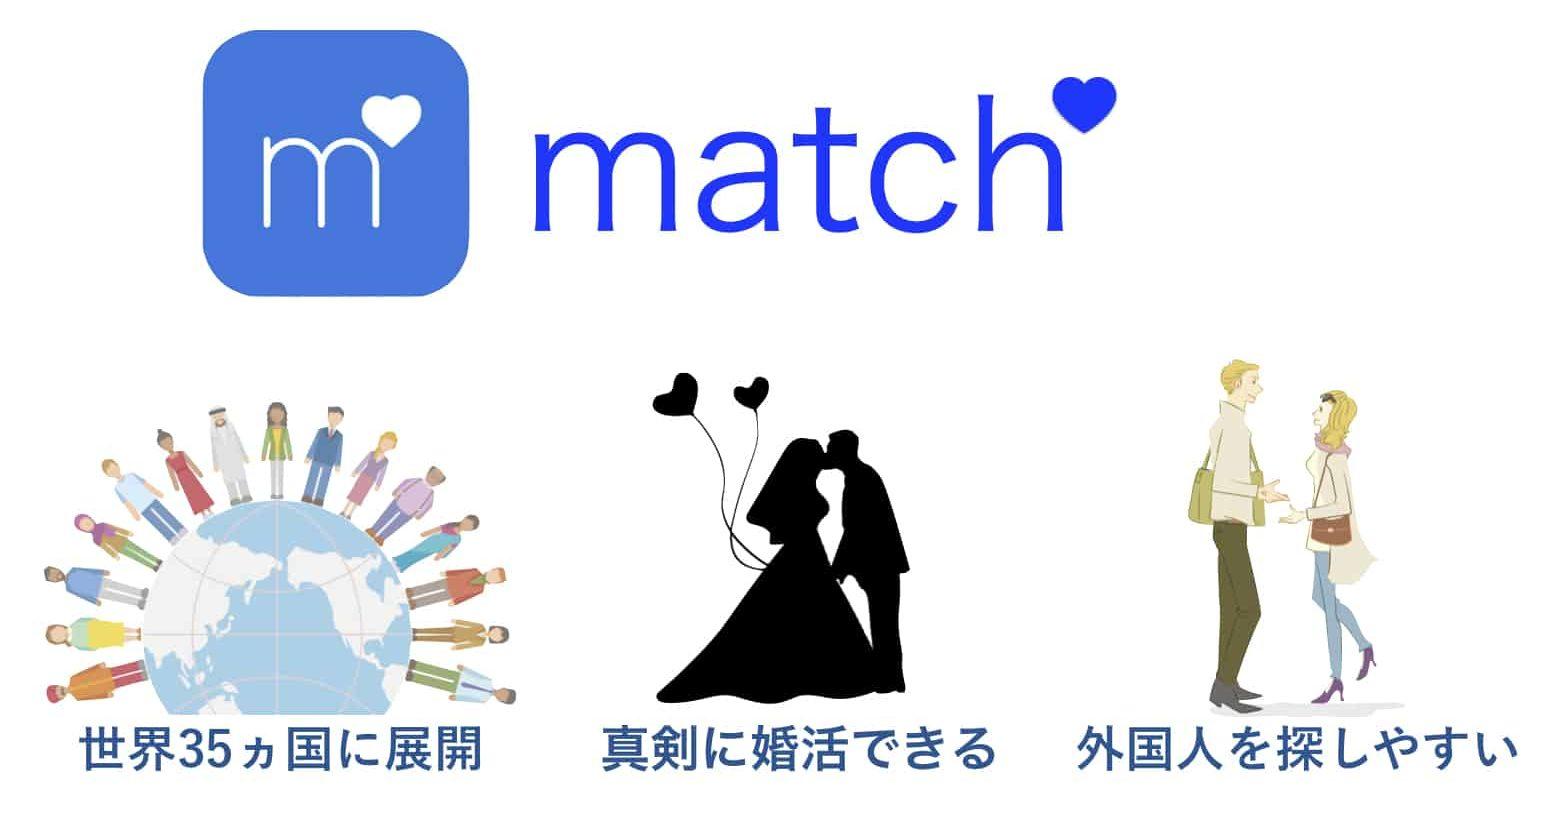 matchの3つのおすすめポイント